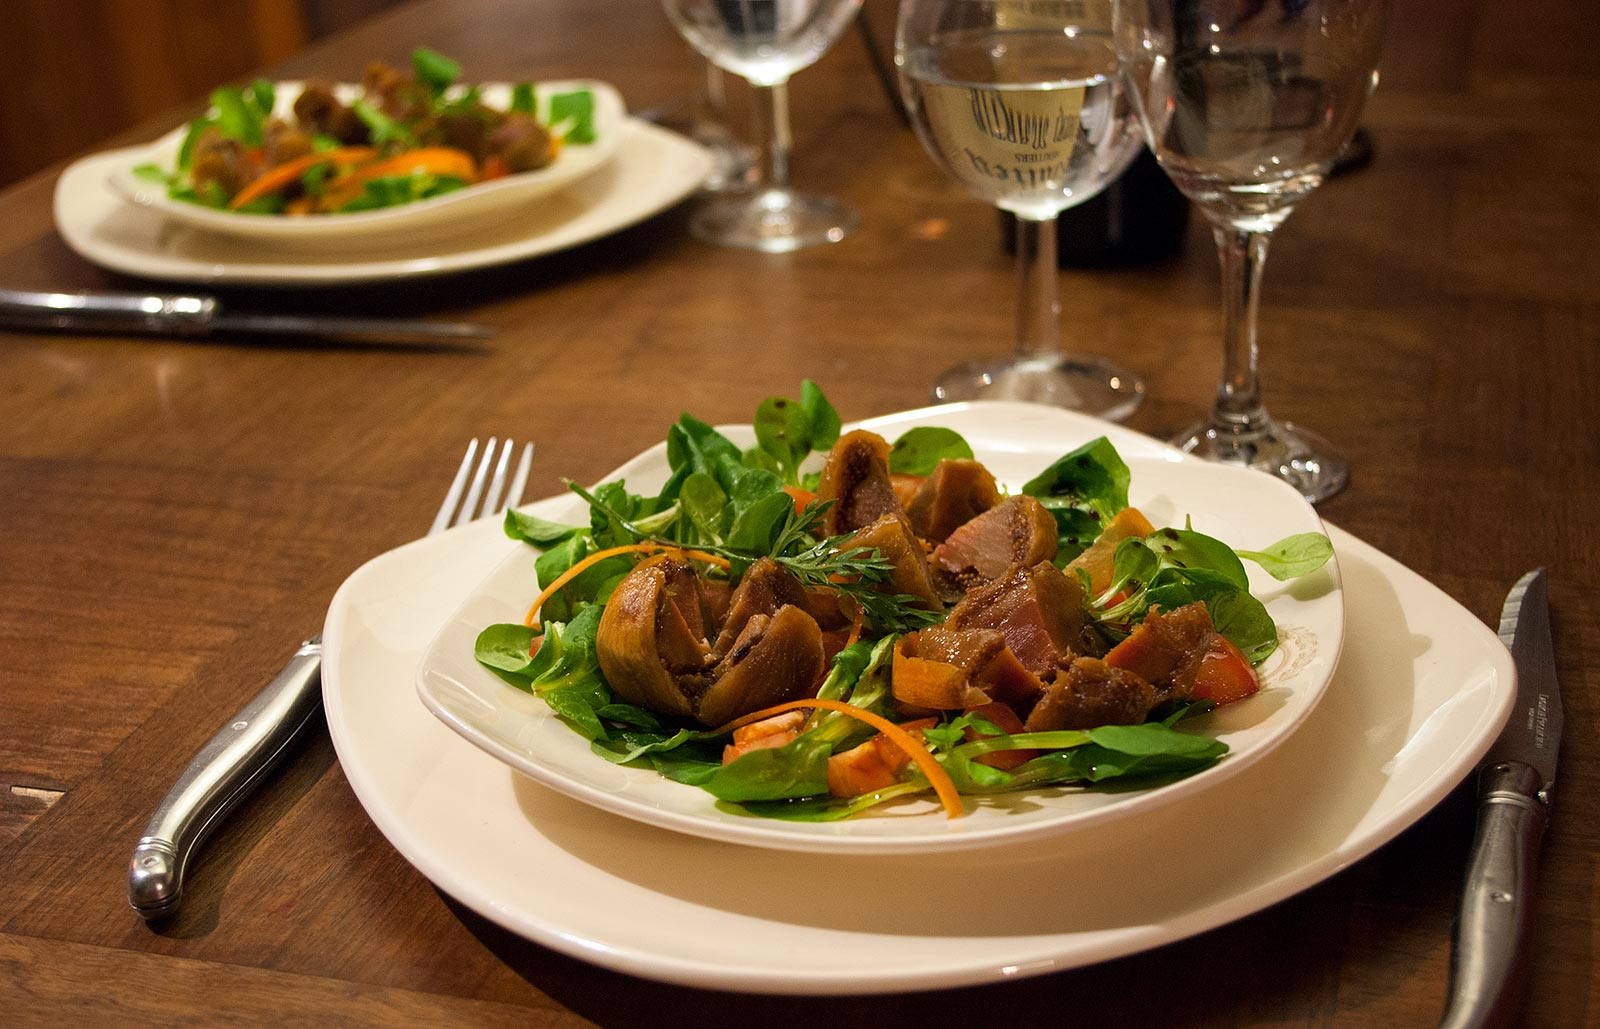 Découvrez les figues fourrées au foie gras !